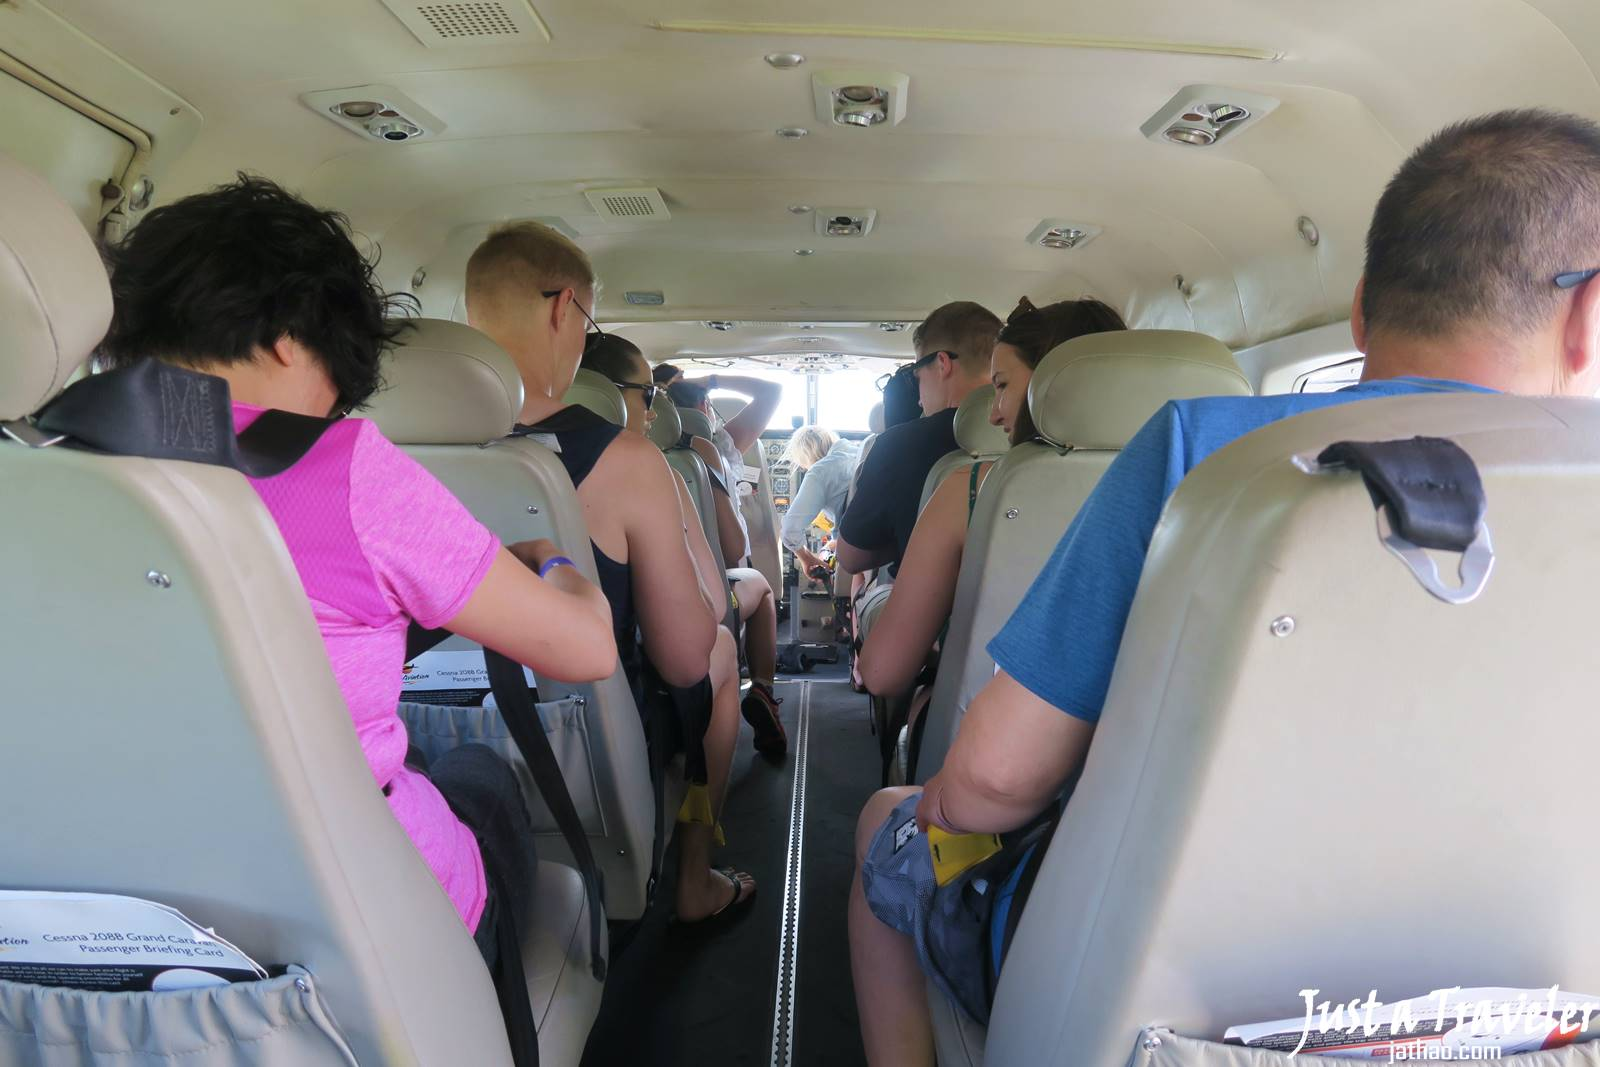 聖靈群島-景點-行程-推薦-直升機-小飛機-水上飛機-攻略-大堡礁-心型礁-遊記-自由行-旅遊-Whitsundays-Plane-Helicopter-Sea-Heart-Reef-Travel